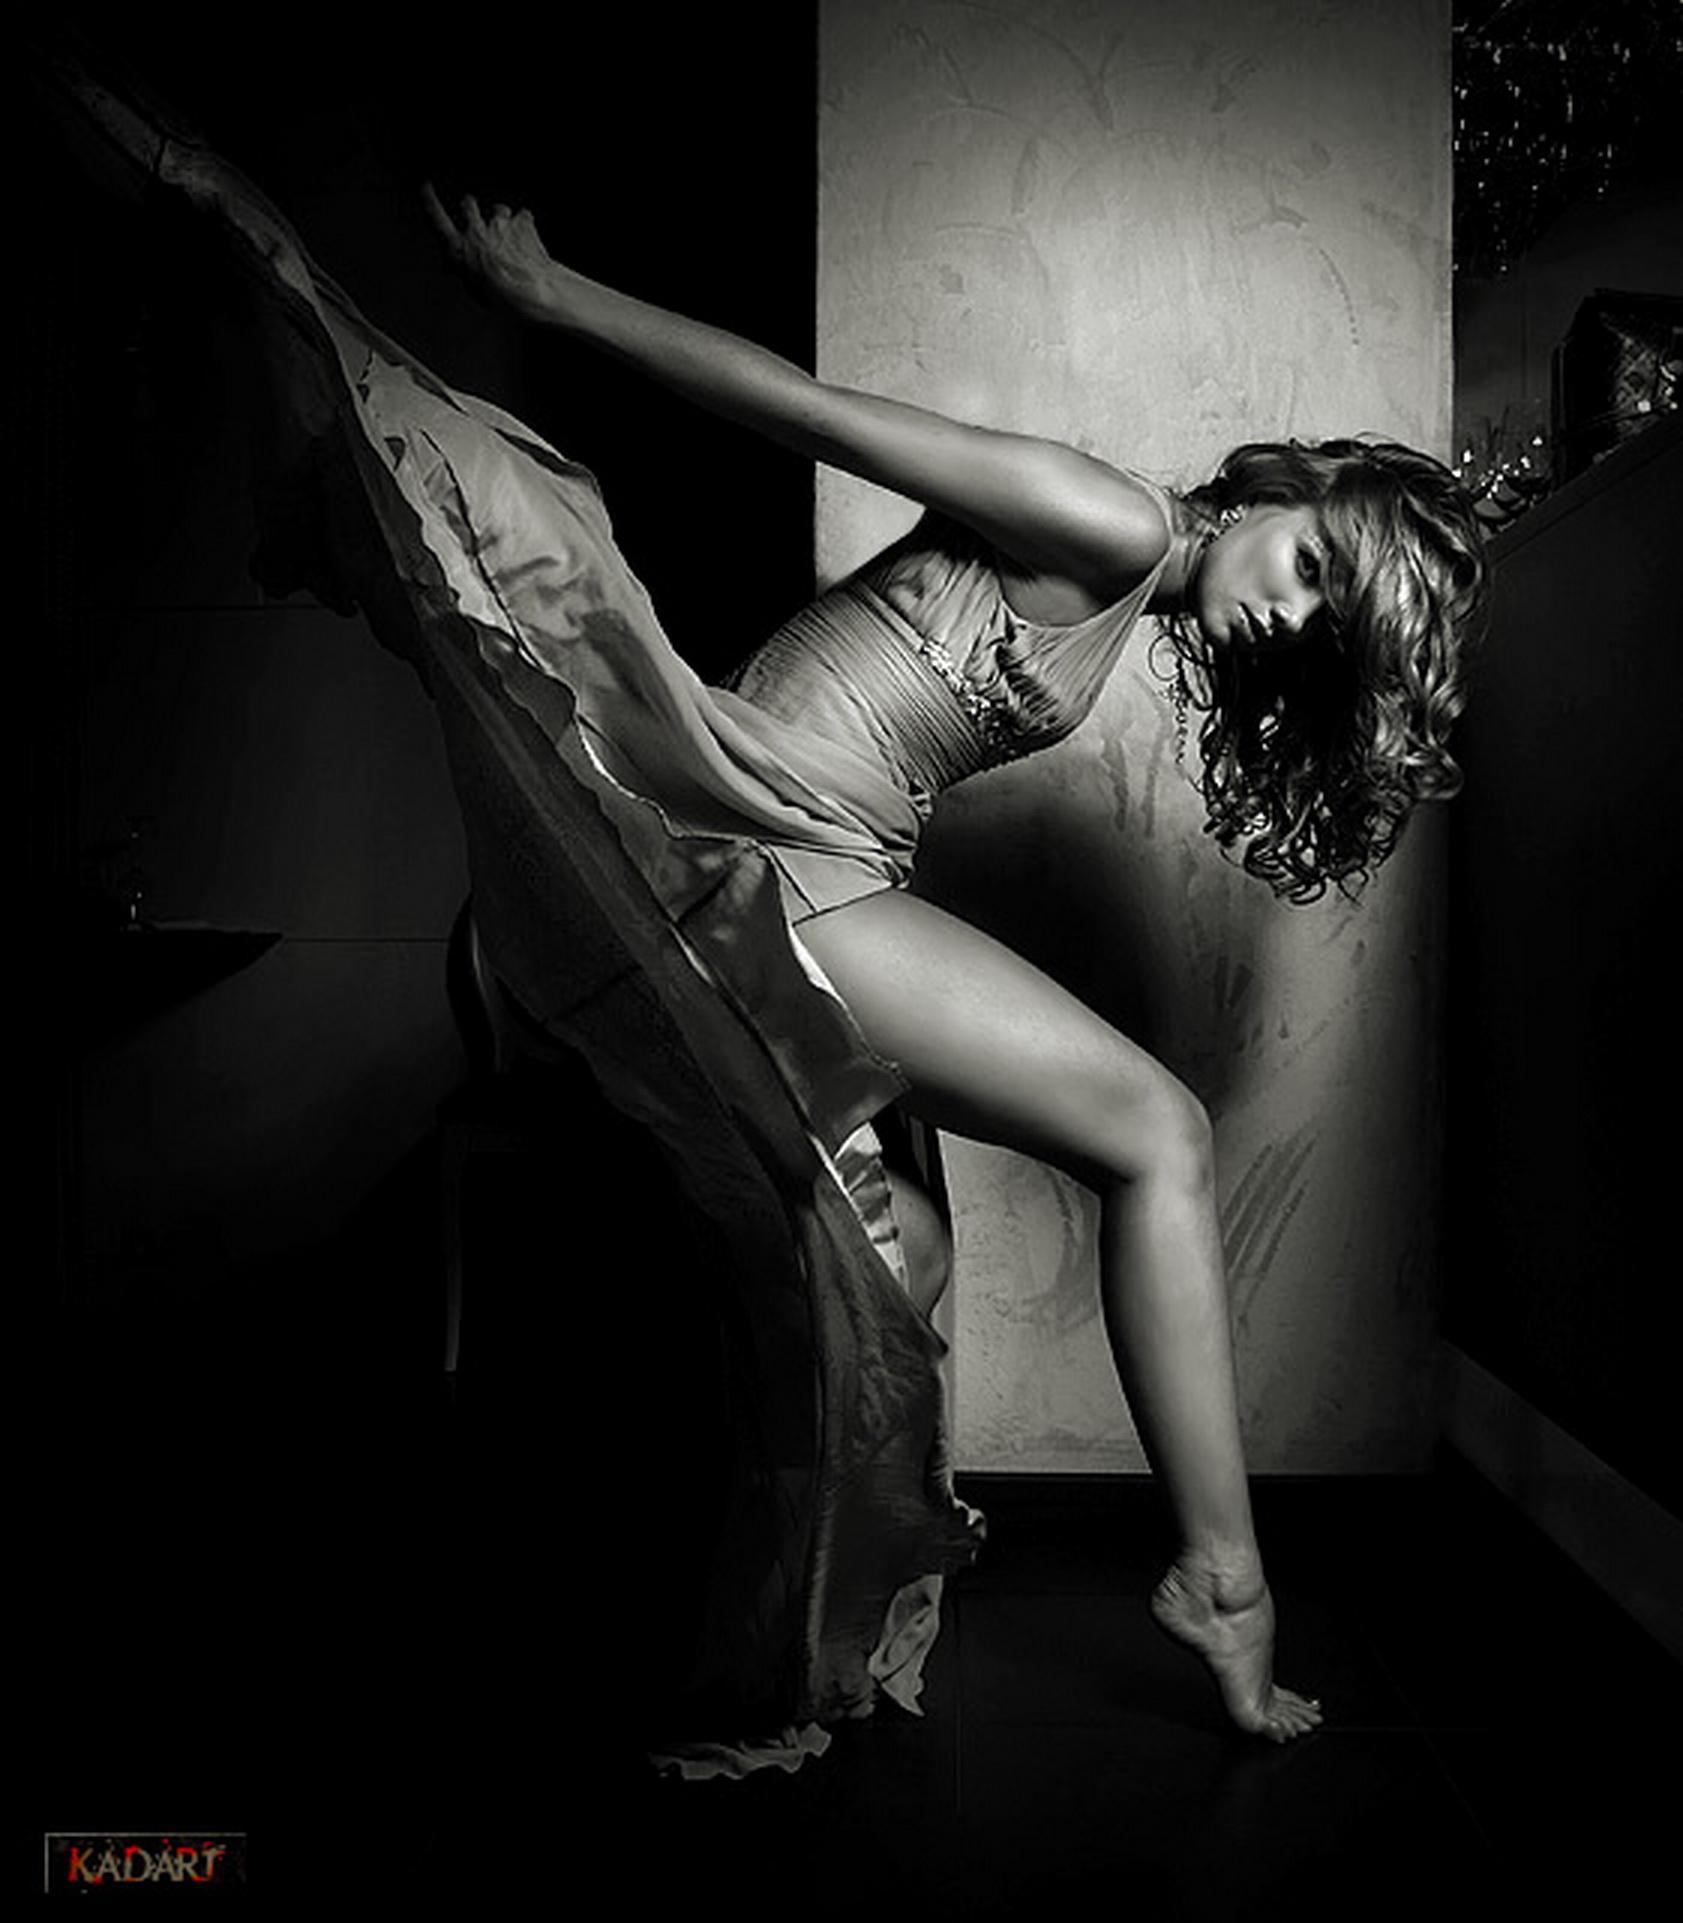 Фотографы жесткая эротика, закатилось в жопу яблочко